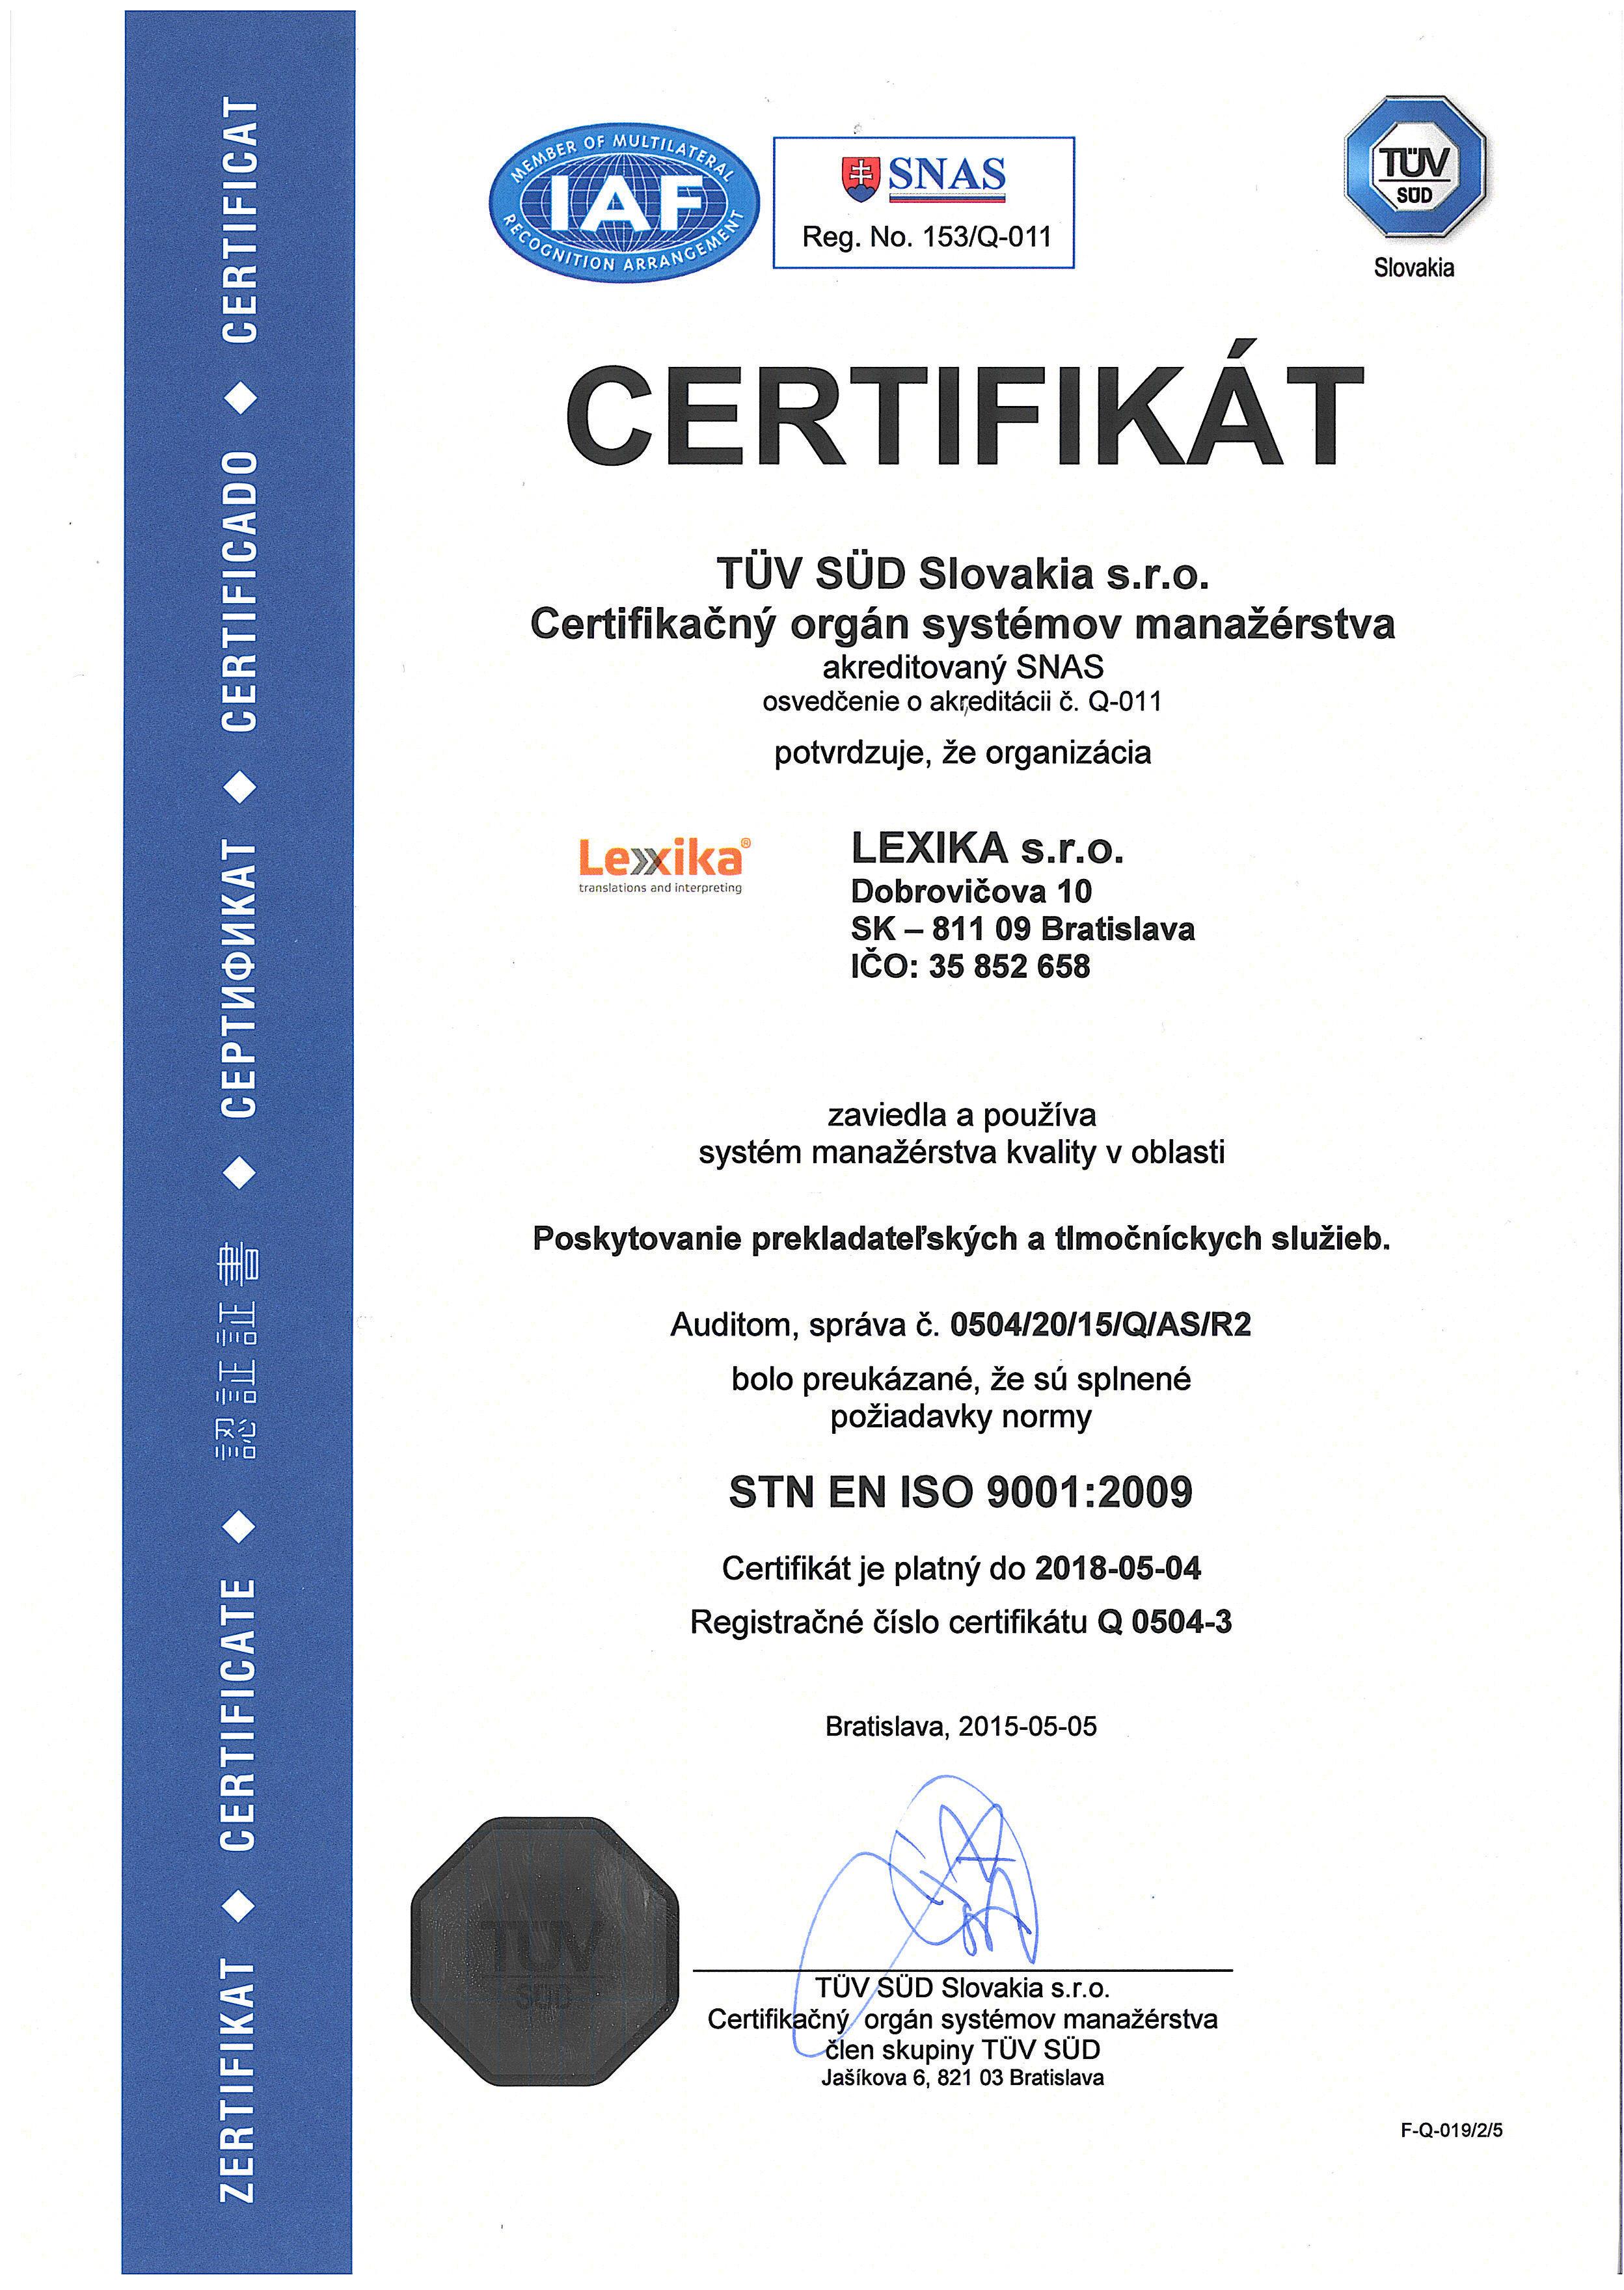 ISO 9001:2008 certifikát spoločnosti LEXIKA s.r.o.